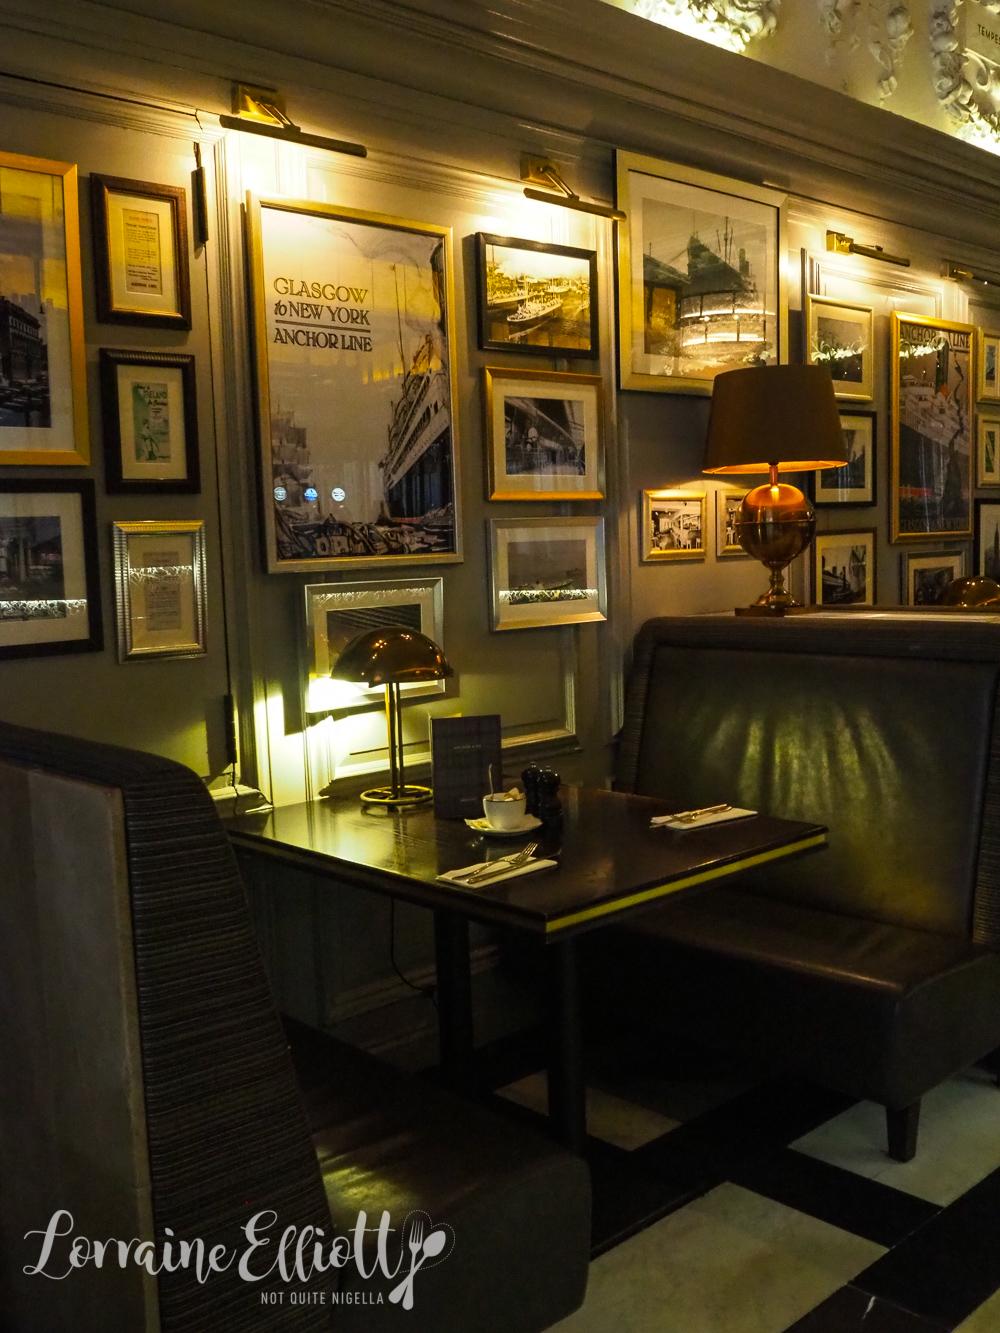 Glasgow City Centre The Anchor Line Cafe